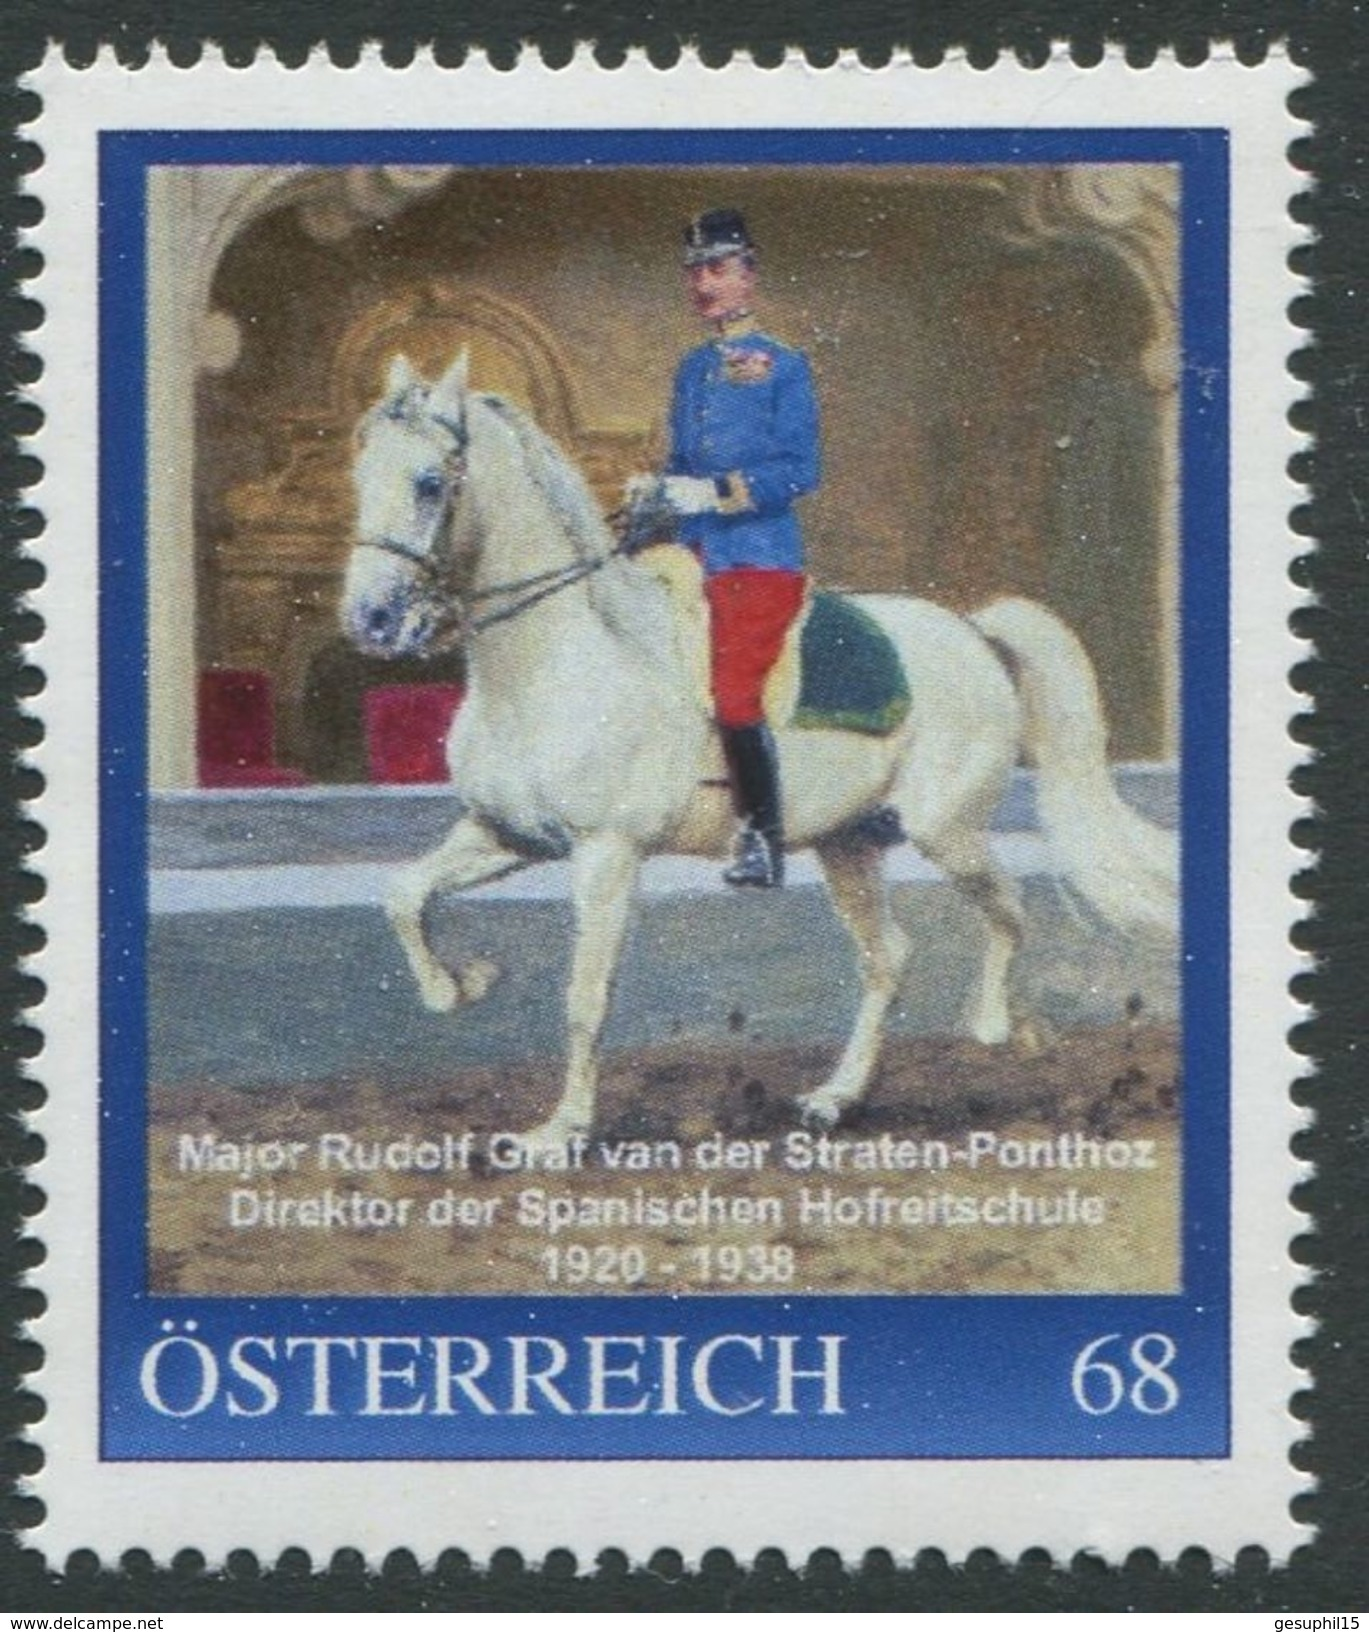 ÖSTERREICH / PM Nr. 8116025 / Major Rudolf Graf Van Der Straten-Ponthoz / Postfrisch / ** / MNH - Personalisierte Briefmarken